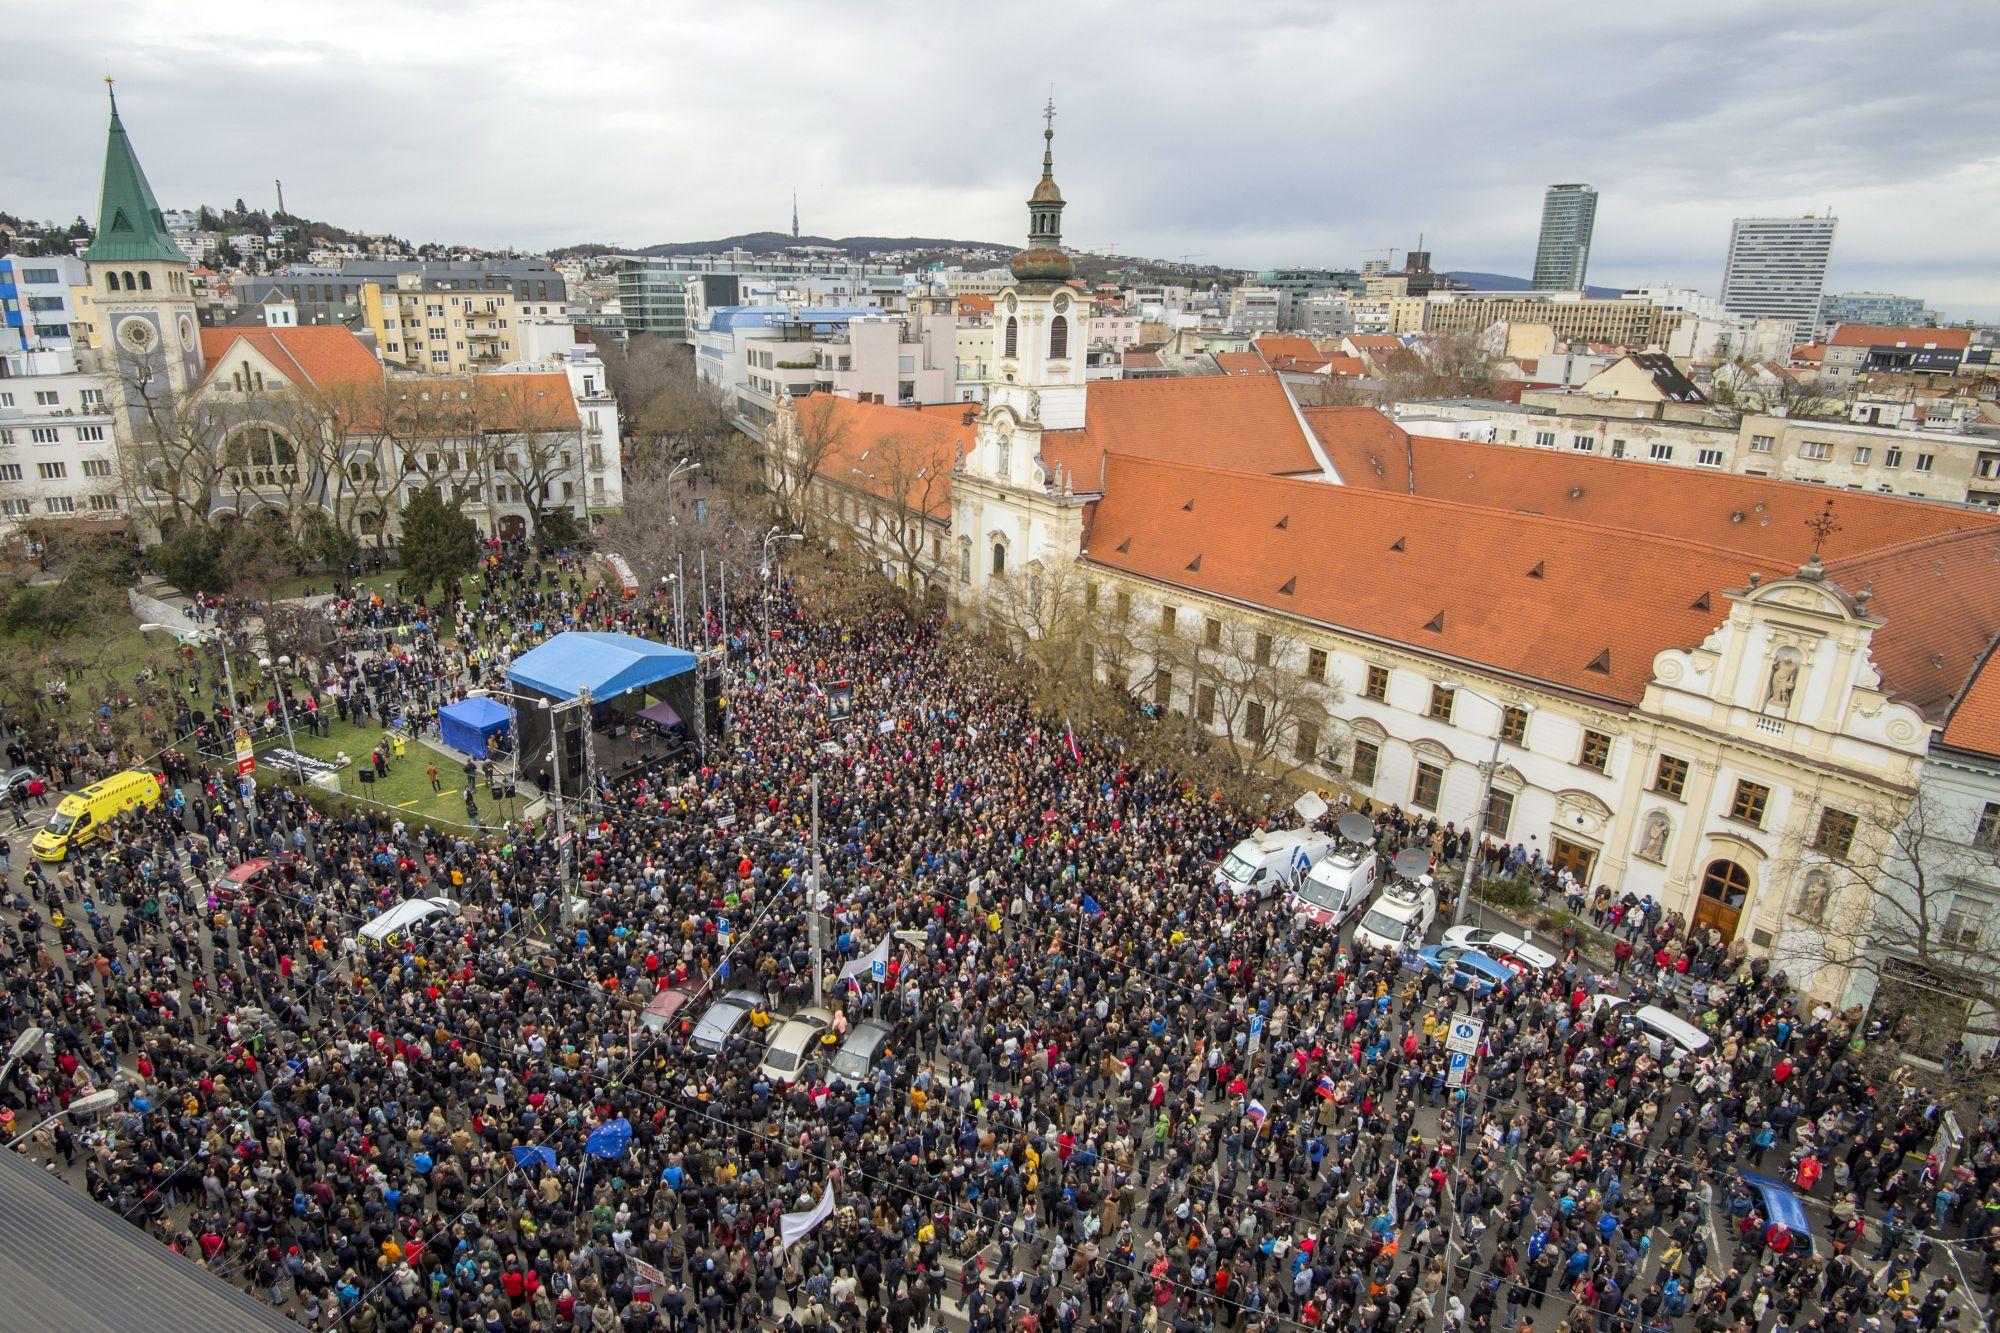 Kormányellenes tüntetés Pozsonyban 2018. április 5-én. A kormányellenes megmozdulások sorát Ján Kuciak szlovák tényfeltáró újságíró és élettársa, Martina Kusnirová meggyilkolása váltotta ki. (MTI/AP/TASR/Michal Svítok)